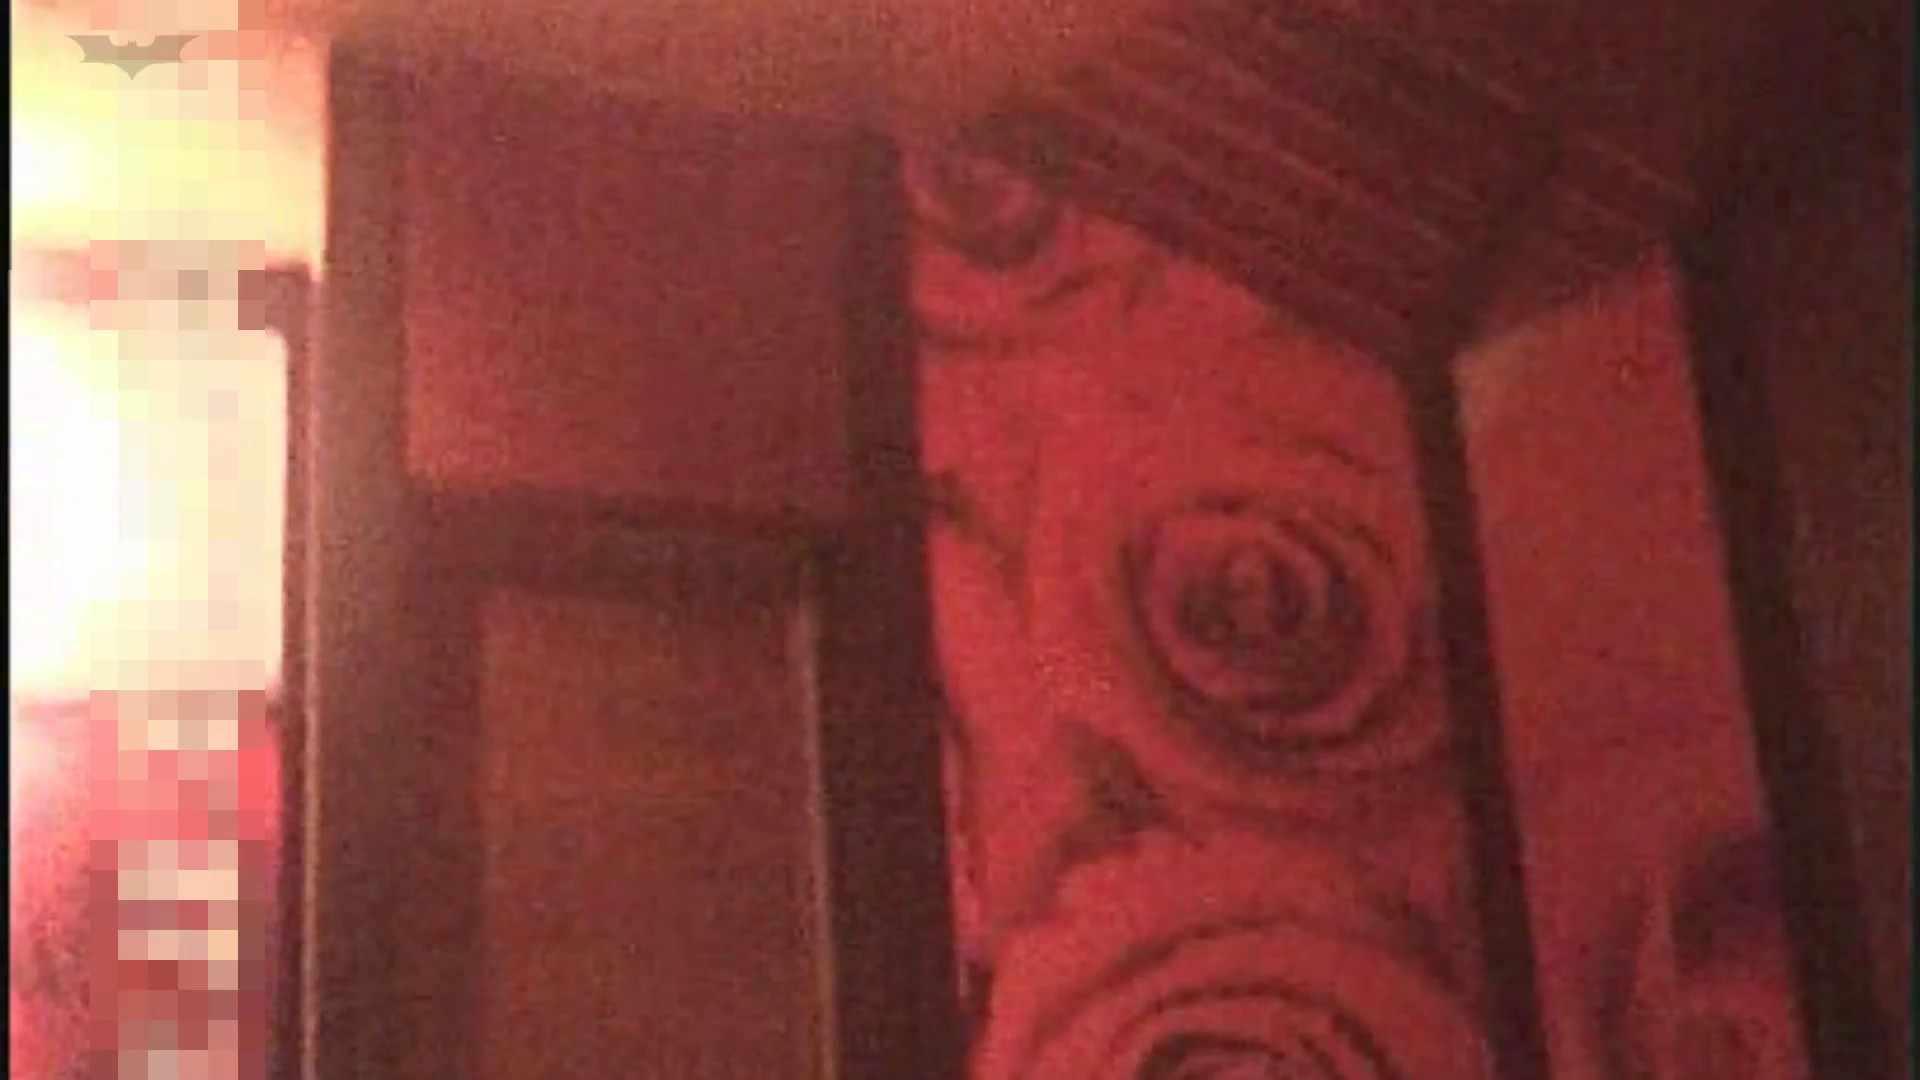 禁断、家庭教のおしえ子 (シリーズⅥ) りりかちゃん Vol.30 脱衣編 ラブホテル  95枚 60